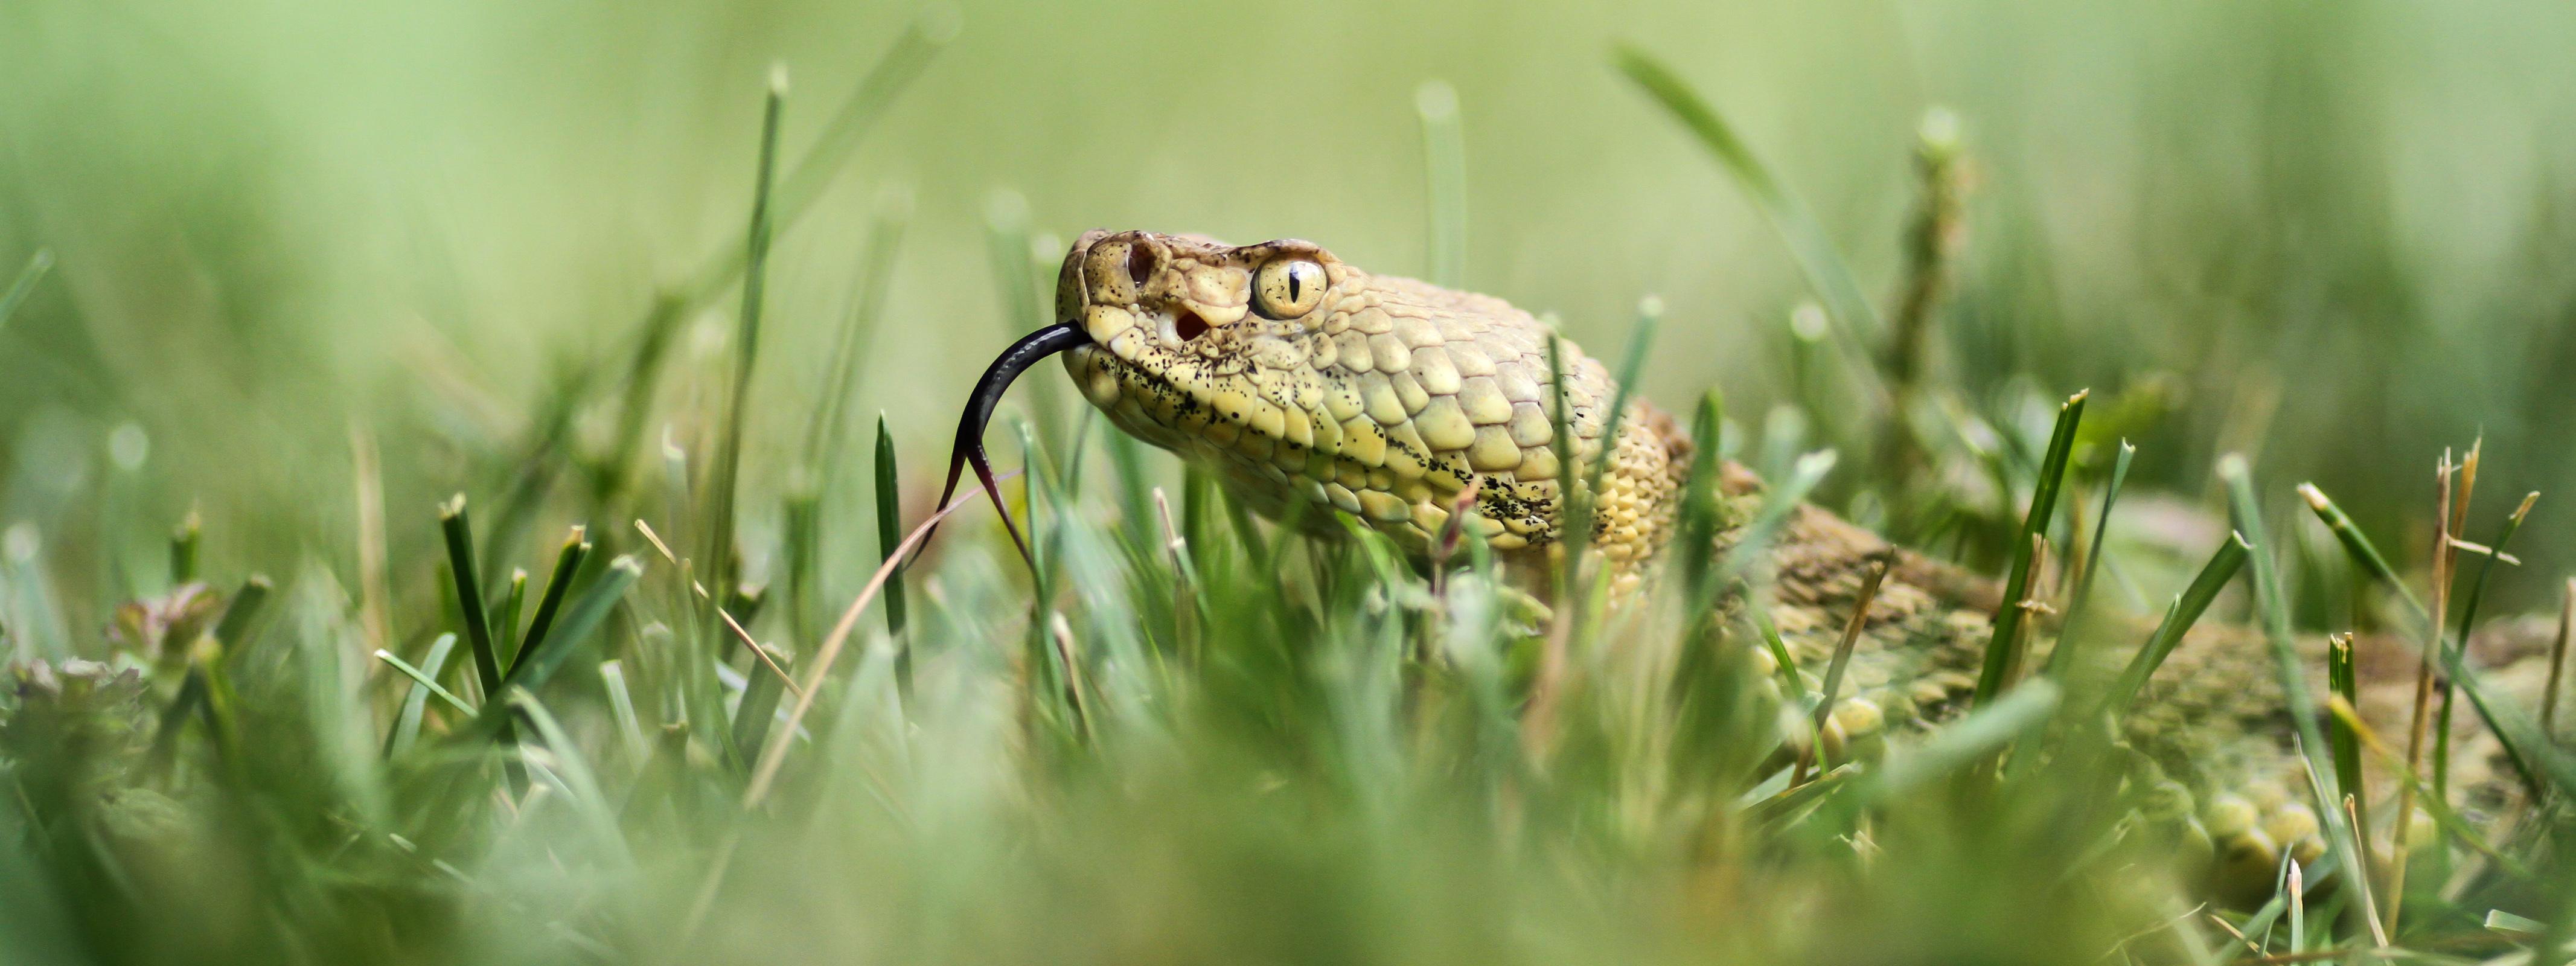 природа животные змея nature animals snake бесплатно